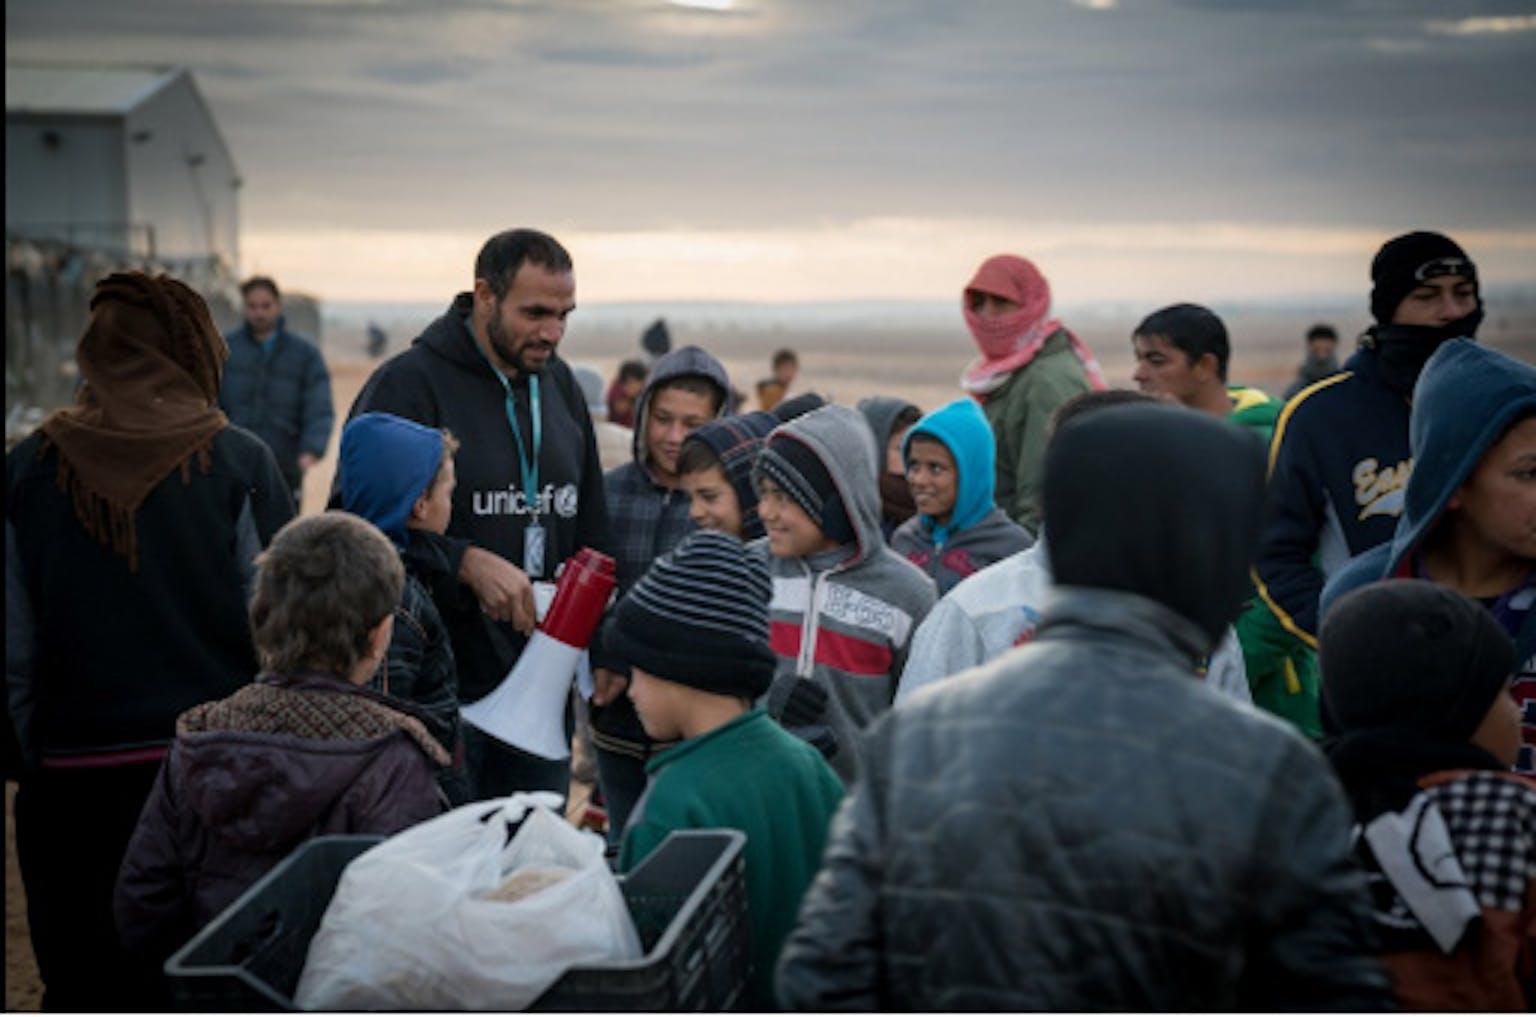 Un operatore UNICEF durante la distribuzione di kit per l'inverno alle famiglie siriane profughe in Giordania - ©UNICEF Giordania/2016